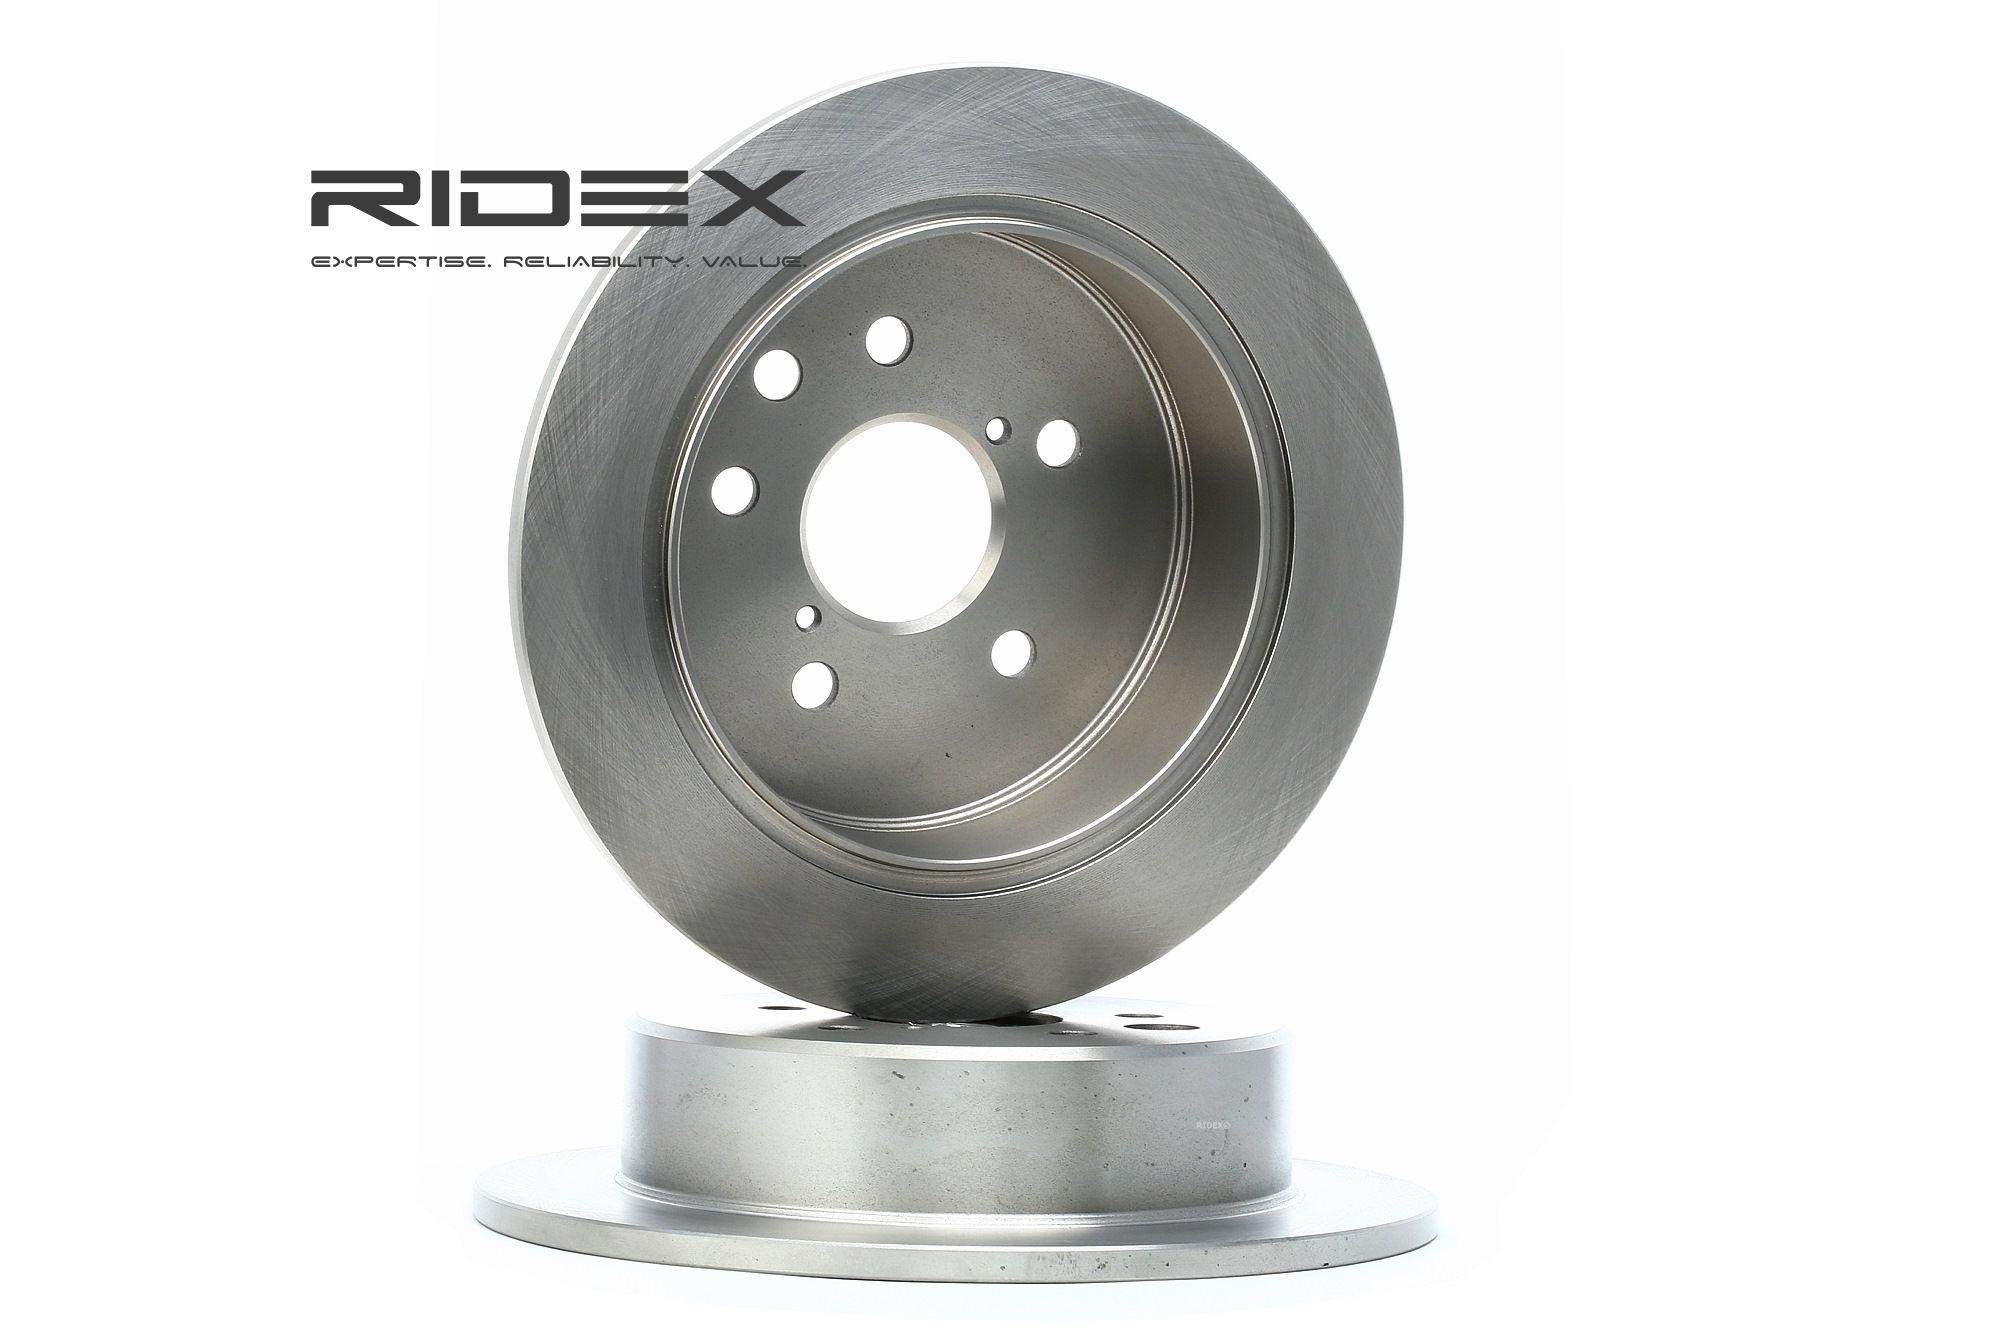 Image of RIDEX Dischi Freno LEXUS 82B0604 4243130300,4243130280 Freni a Disco,Dischi Dei Freni,Disco freno